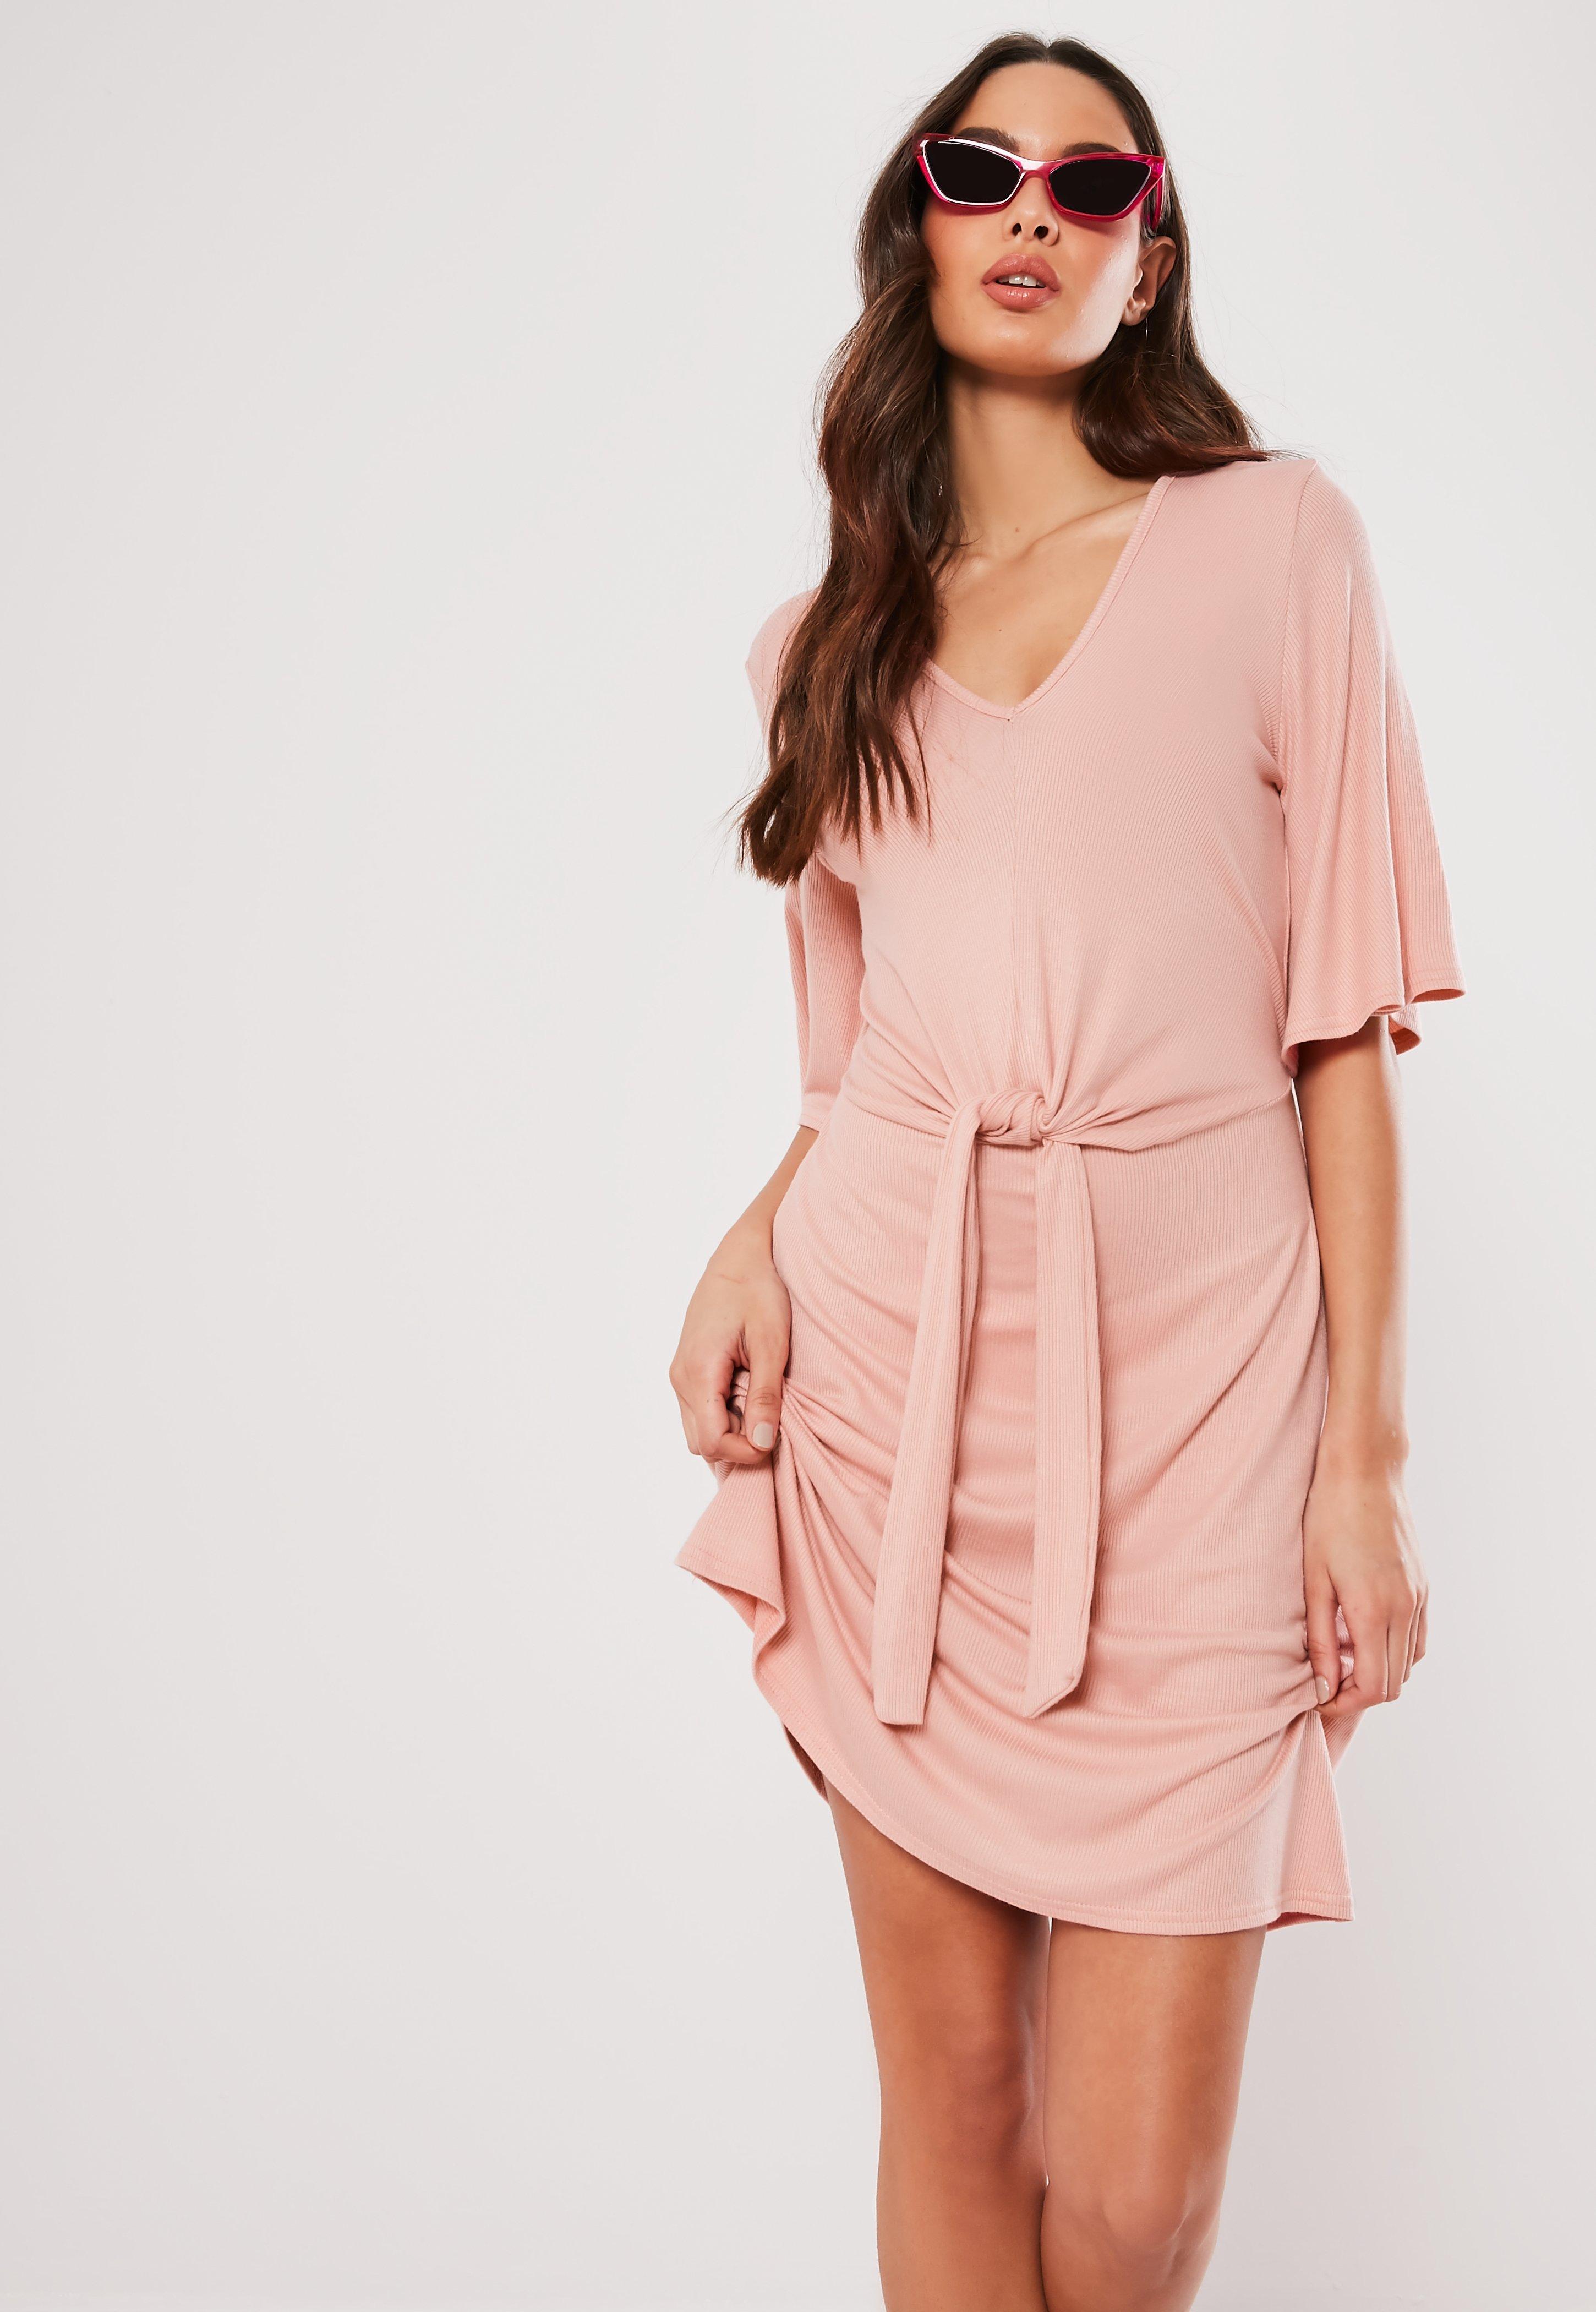 136445d4a41 V Neck Dresses | Plunge, Low Cut & Deep Neck Dresses